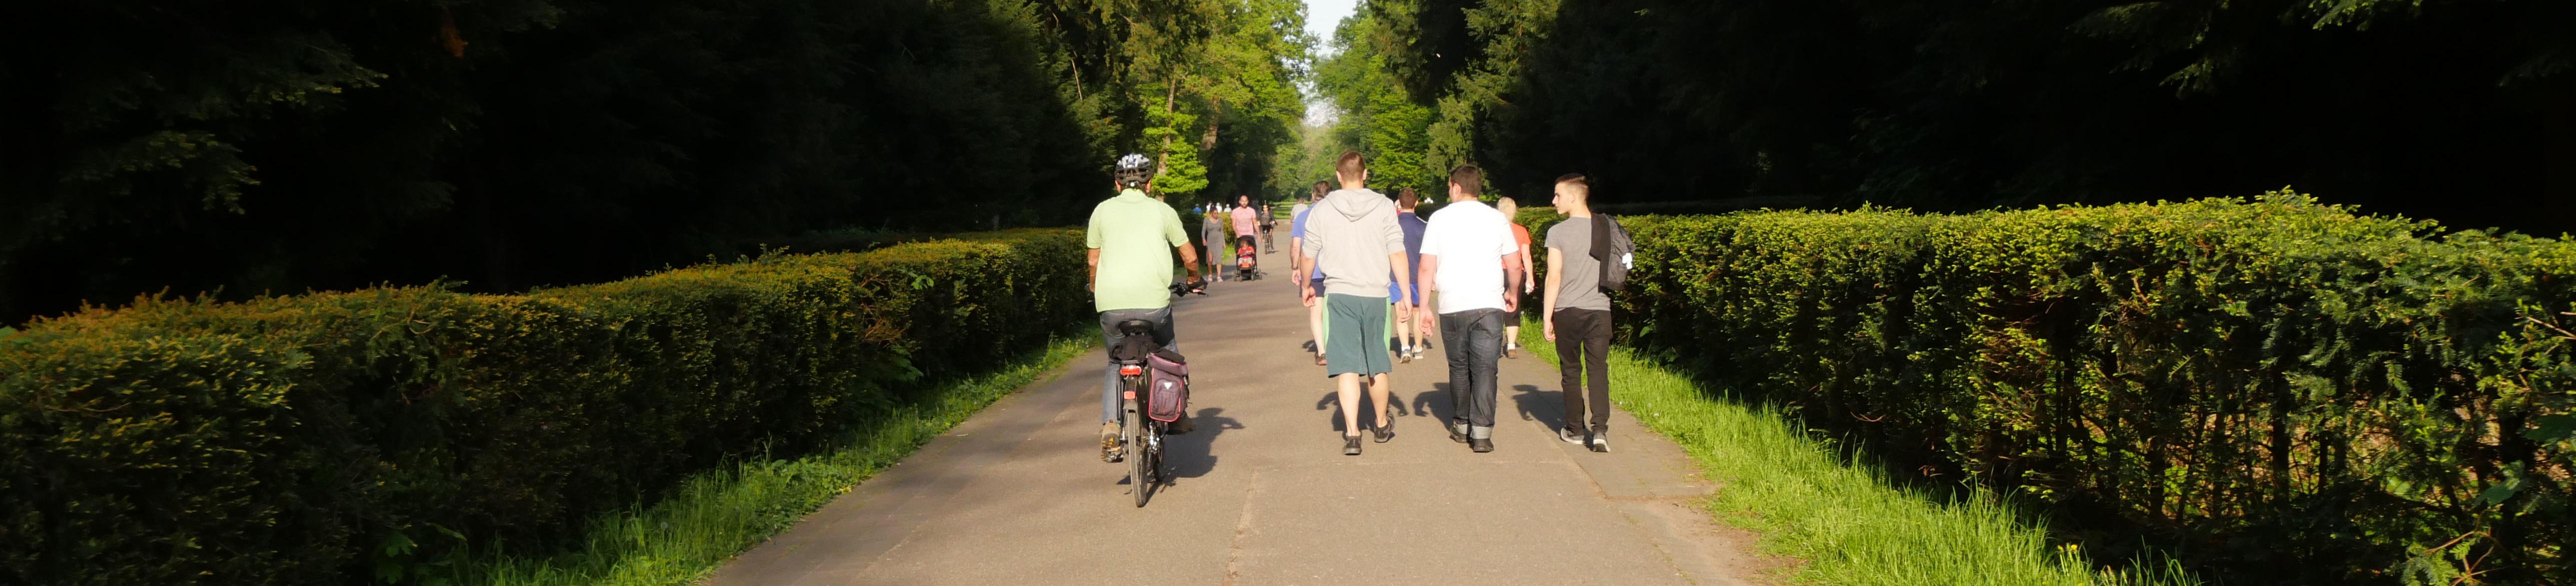 Reallabor Go Karlsruhe: Optimierung der Fußgängermobilität mit Nutzerbeteiligung